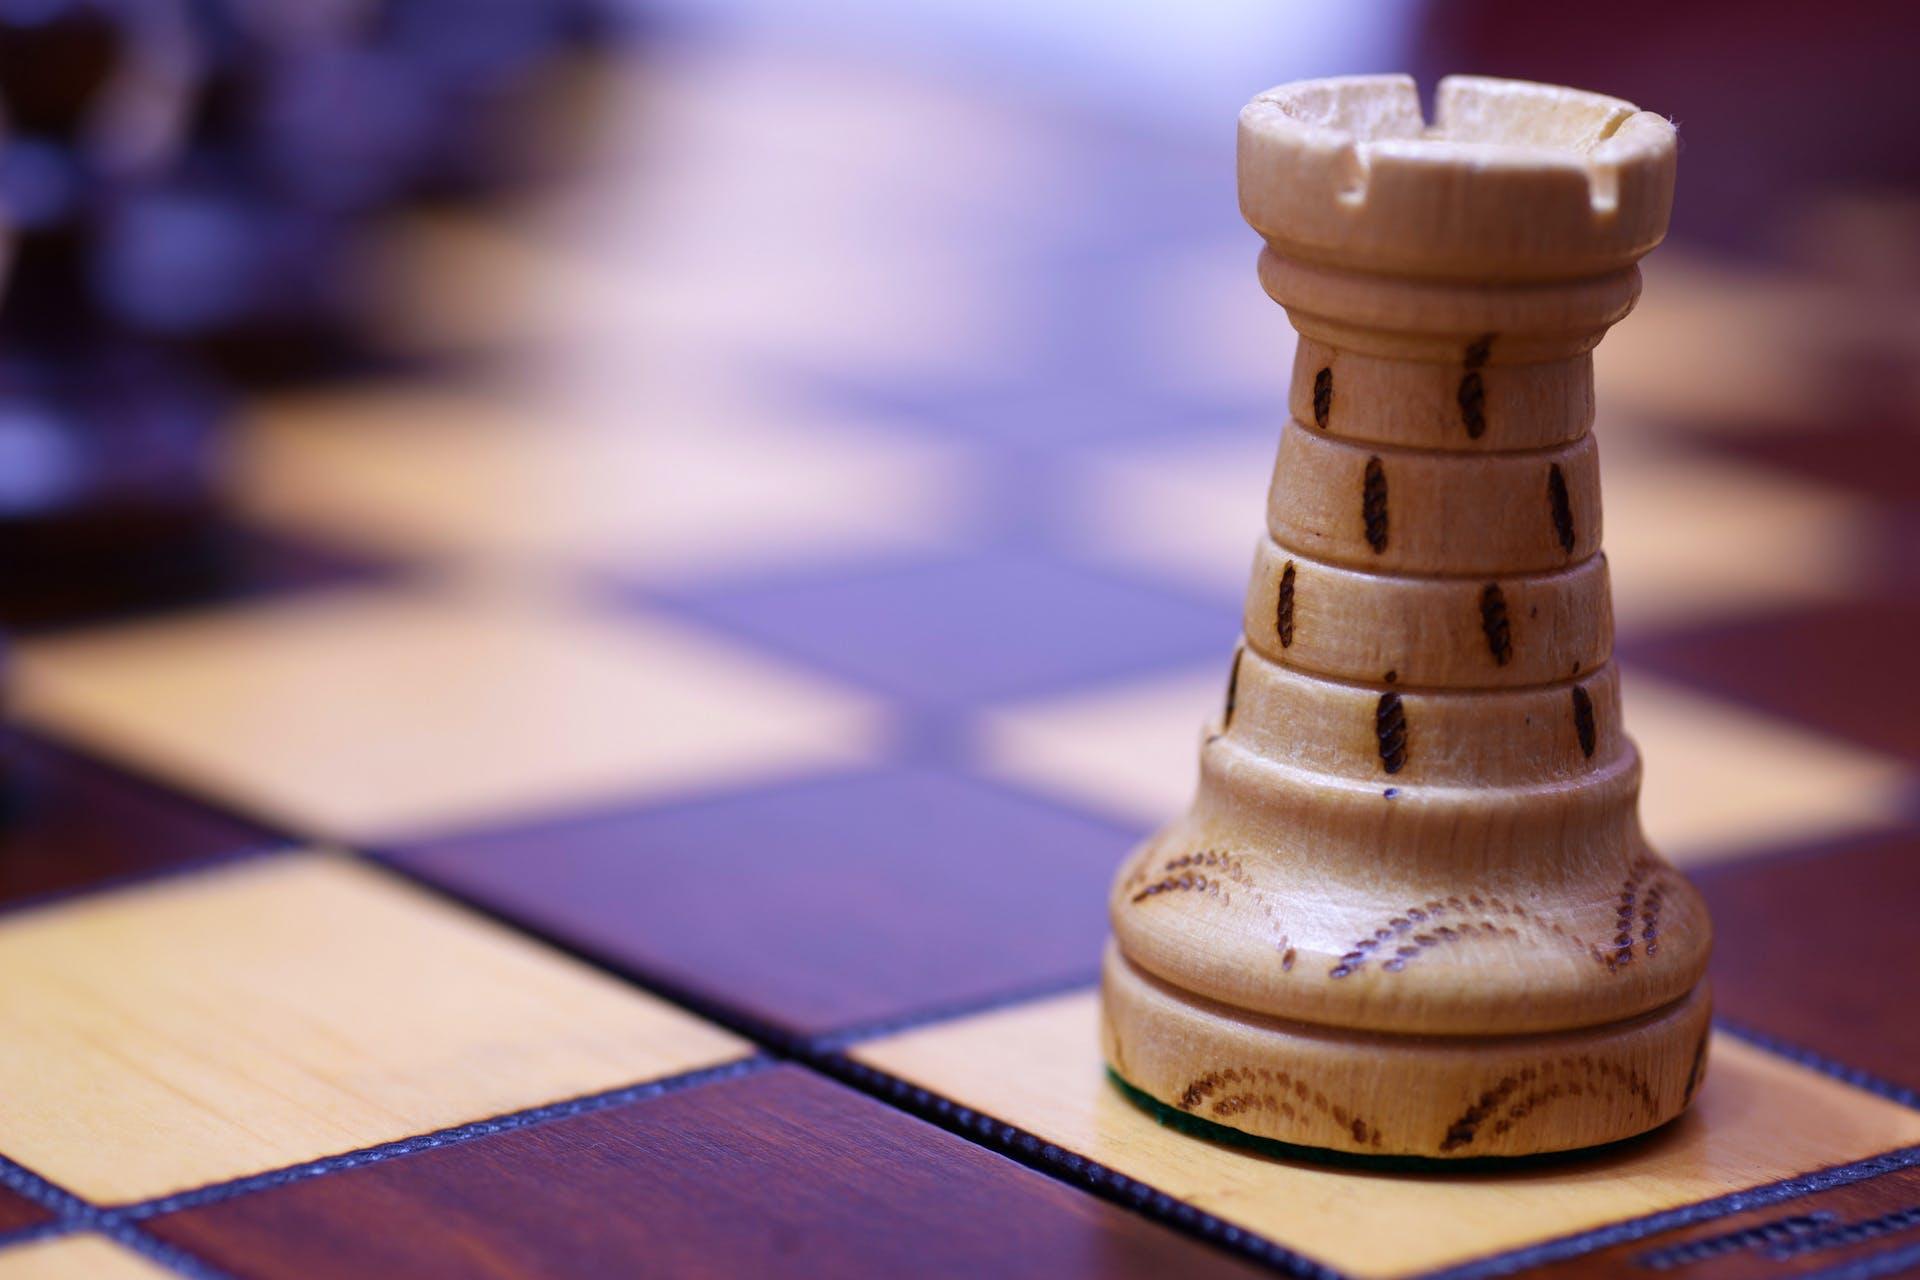 Man sieht ein Foto einer Schachfigur auf einem Schachbrett stehen. Dieses Bild ist das Titelbild unseres Beitrags zum Thema, wie man durch eine Marktanalyse den relativen Marktanteil erhöhen kann.